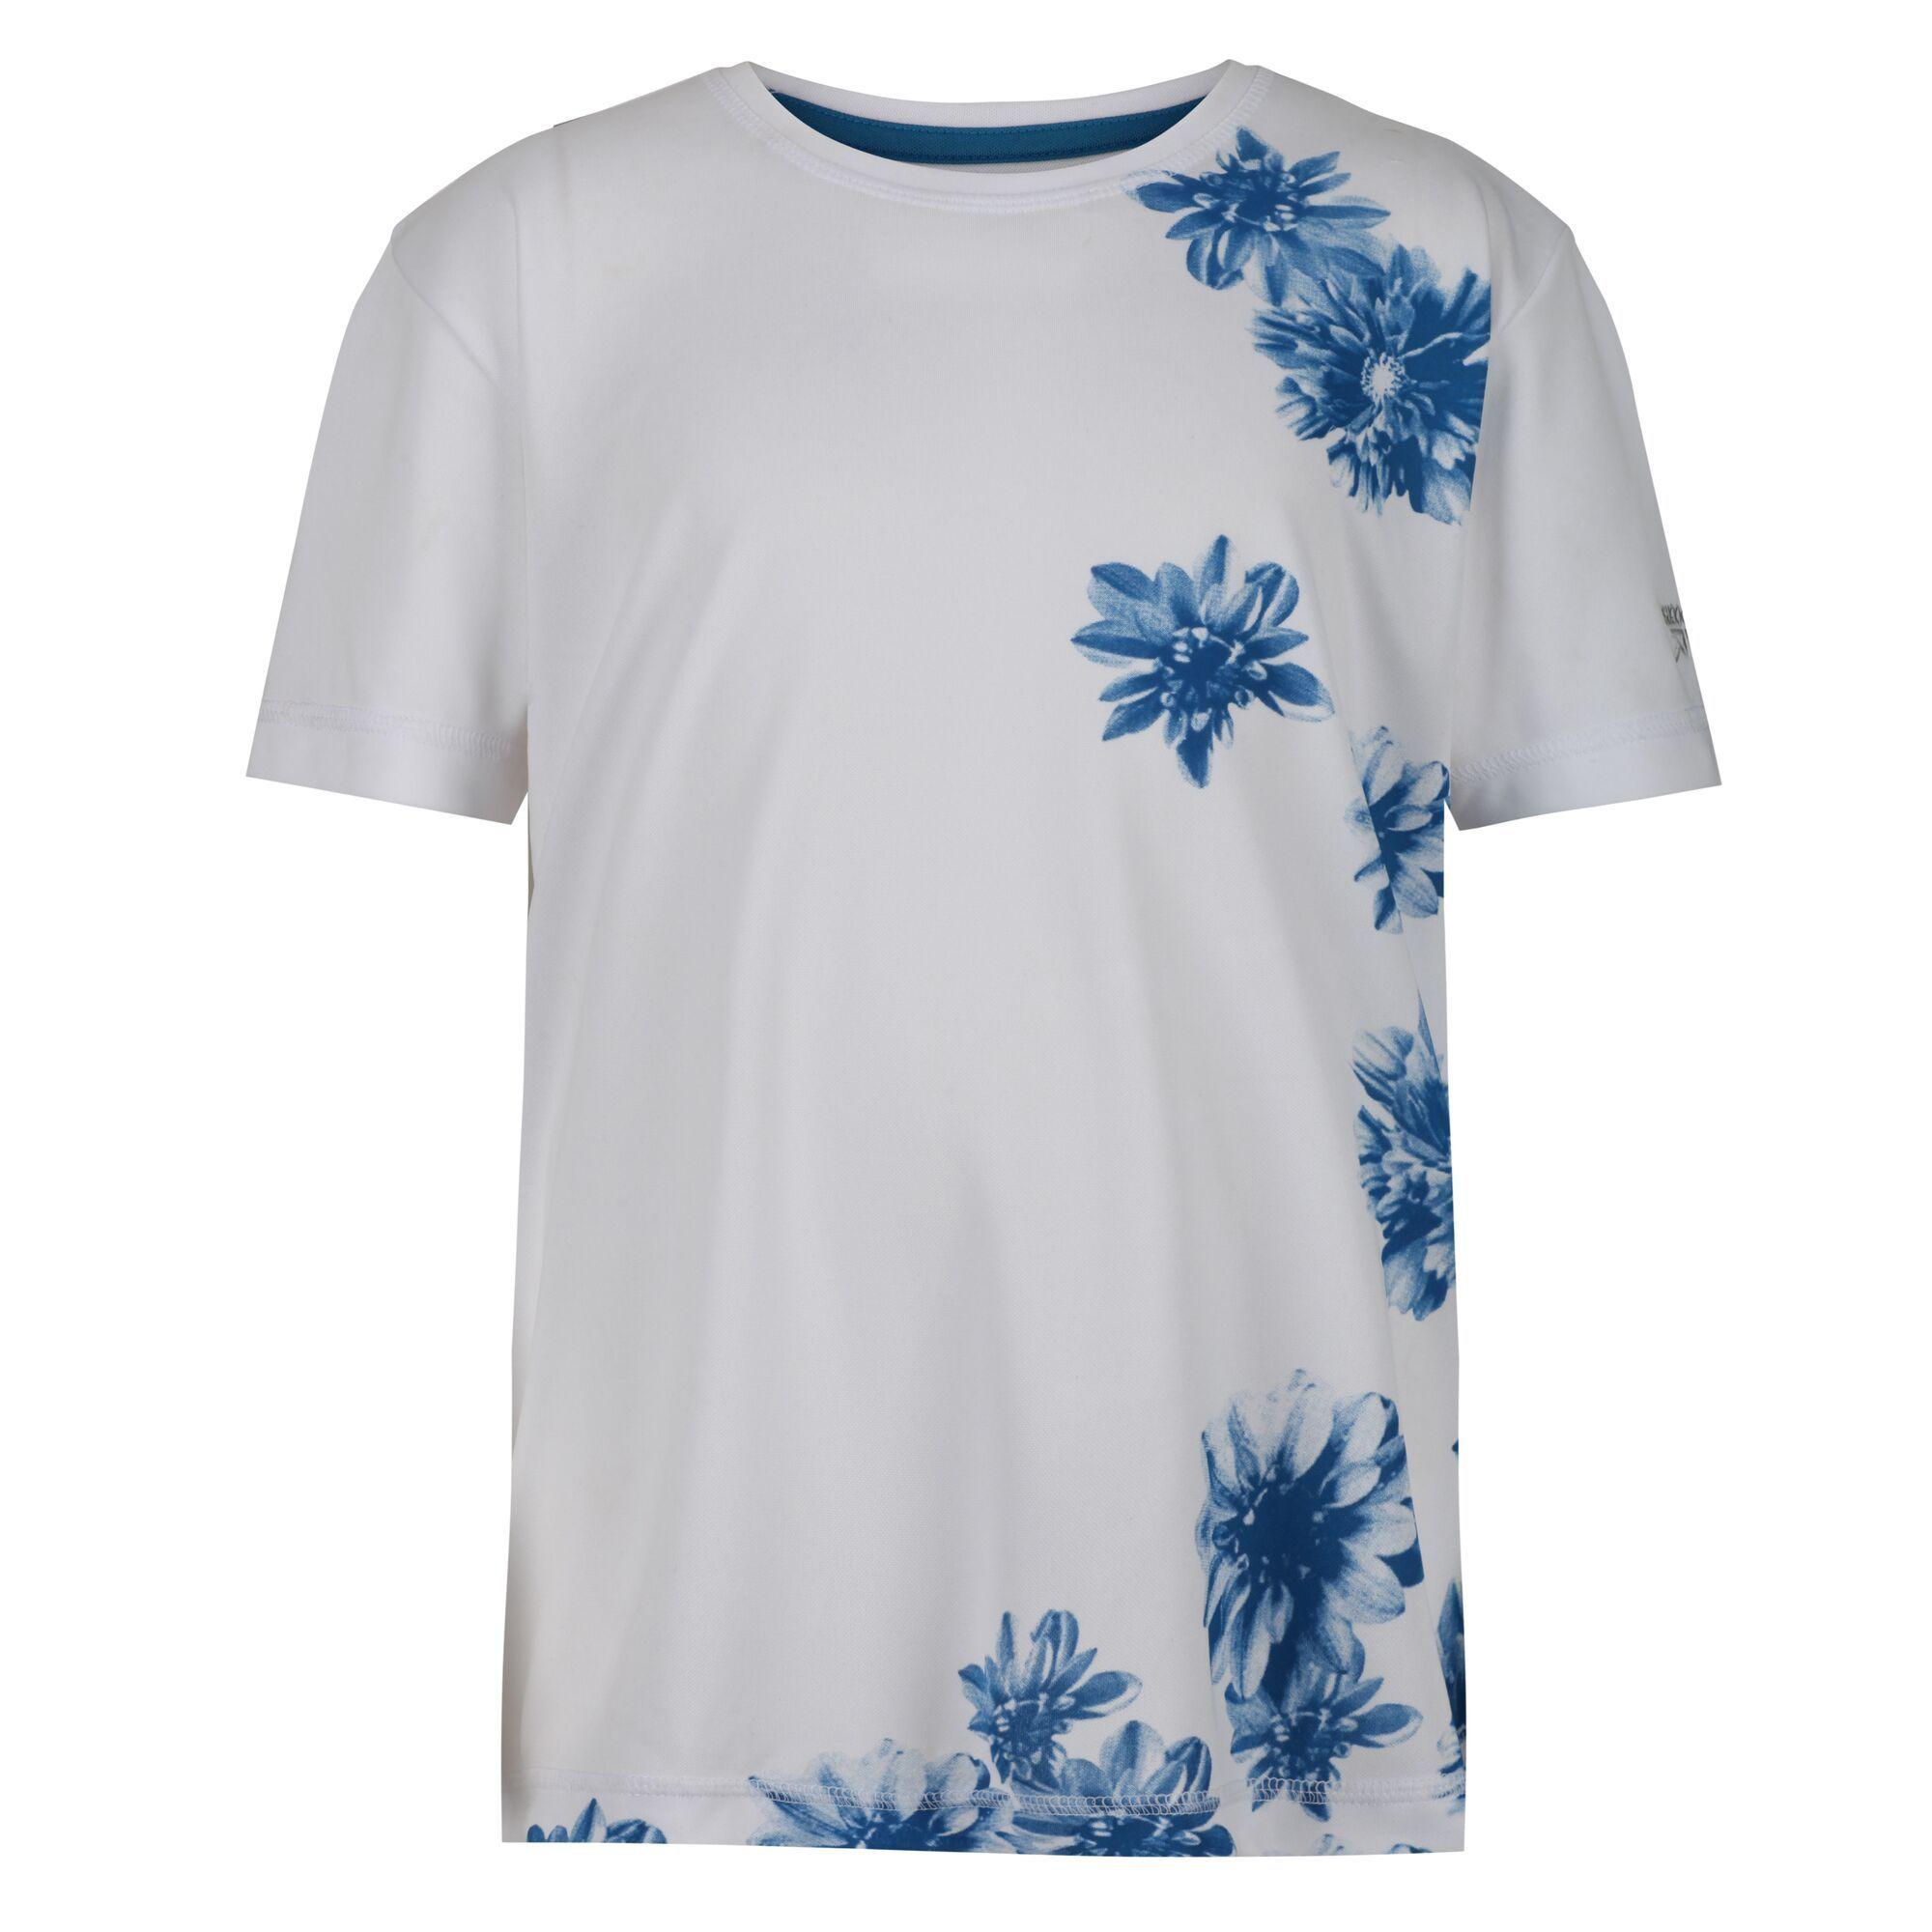 Regatta Childrens/Kids Alvardo V Graphic T-Shirt